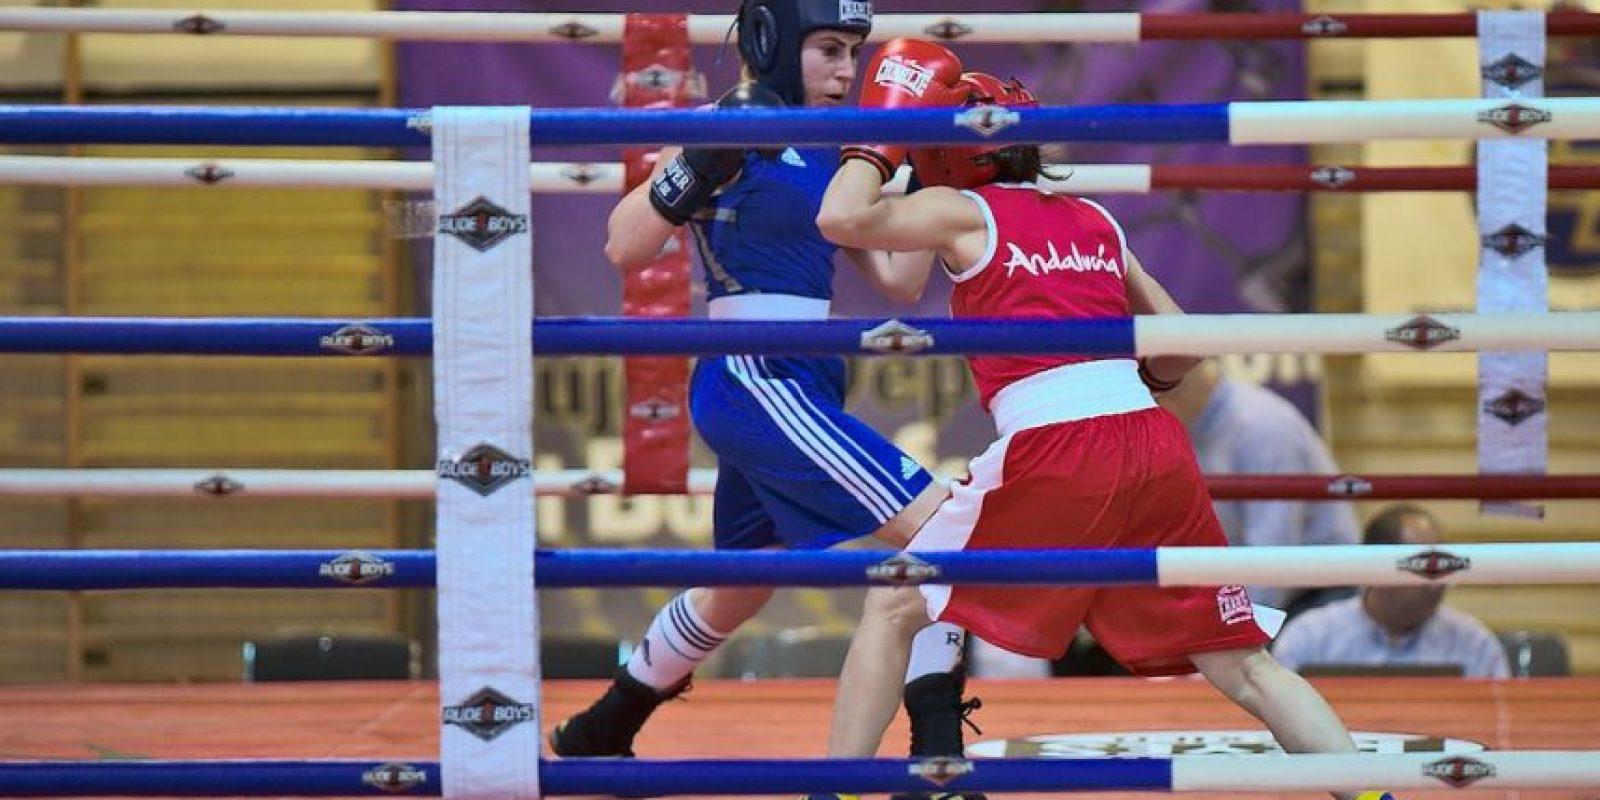 Además de que se tonifican los músculos con los golpes recibidos, los movimientos explosivos hacen que se quemen hasta 800 calorías en una hora Foto:Flickr.com